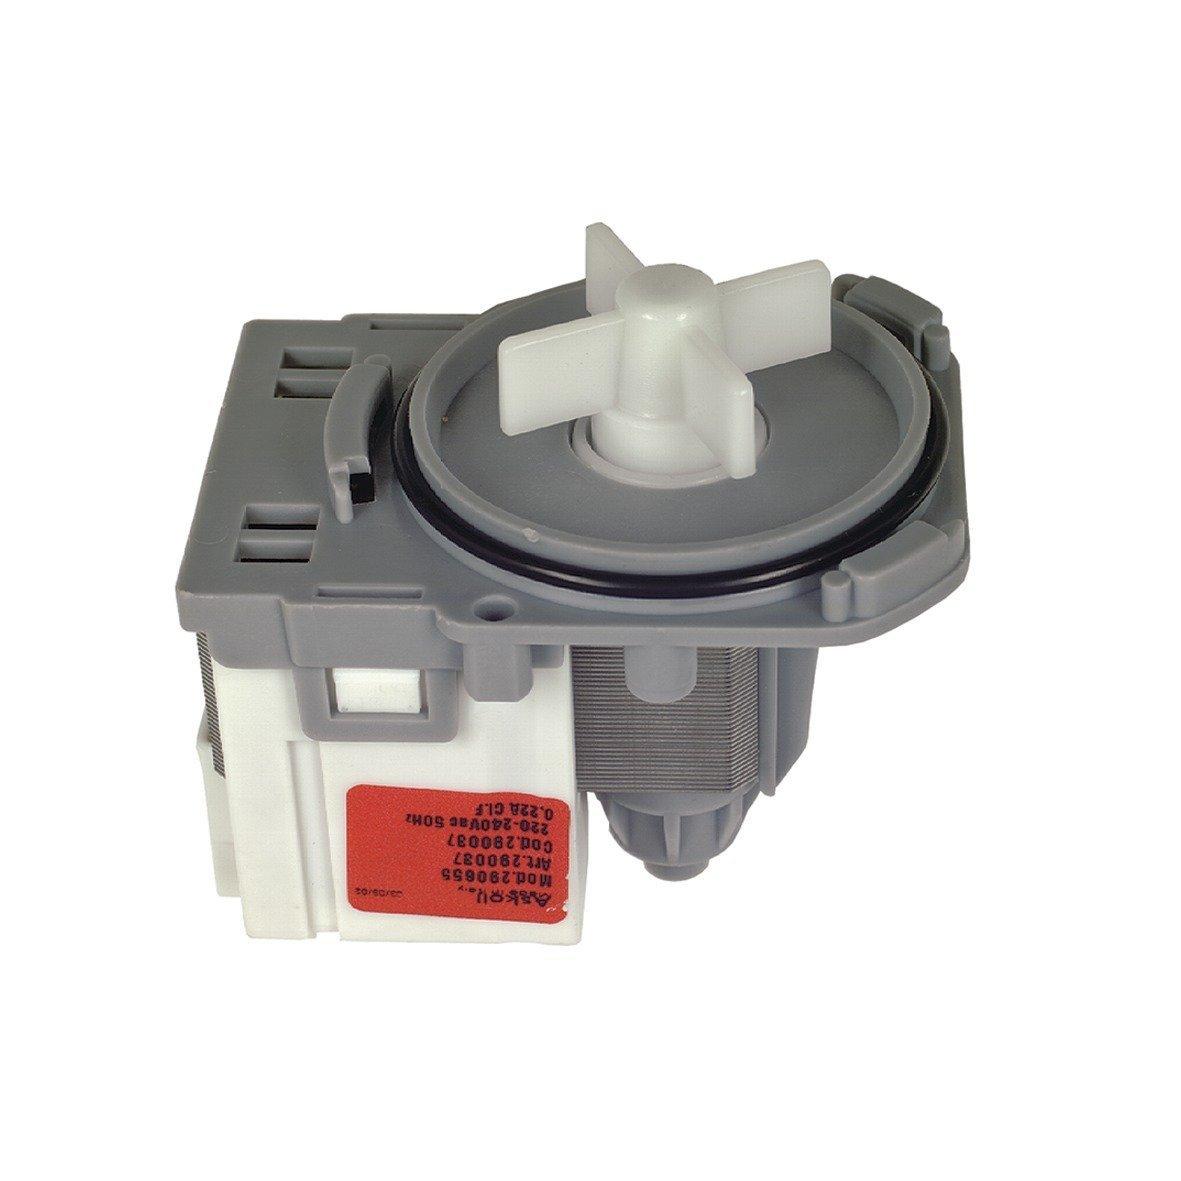 Sostituzione tubo scarico lavatrice lg